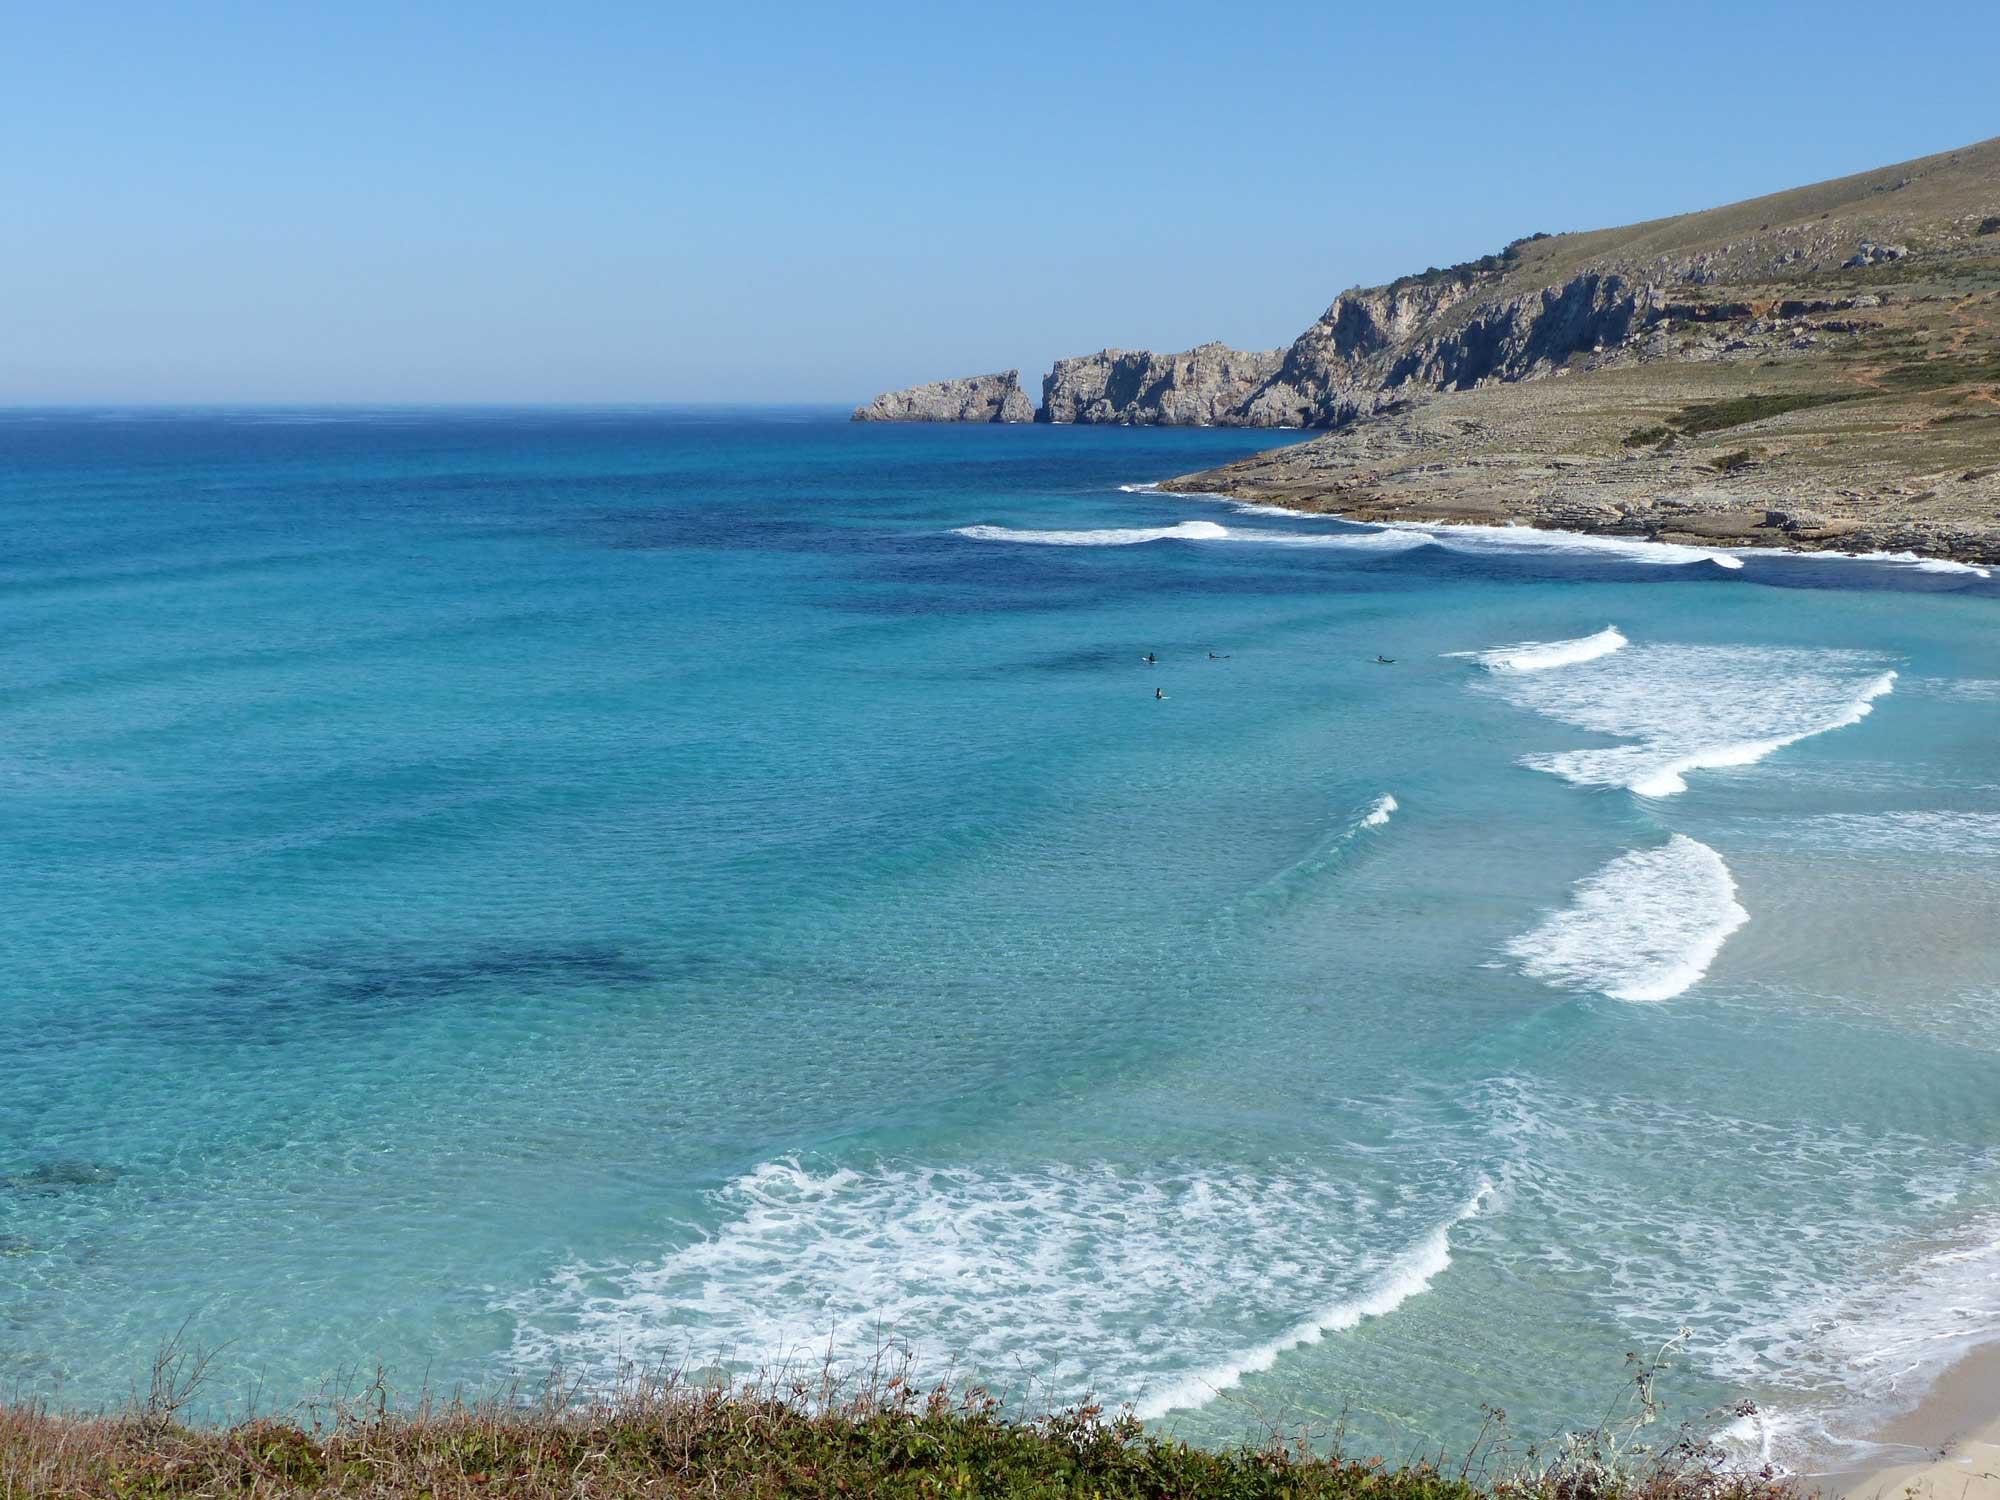 Mallorca mit Wellen, was es nicht alles gibt